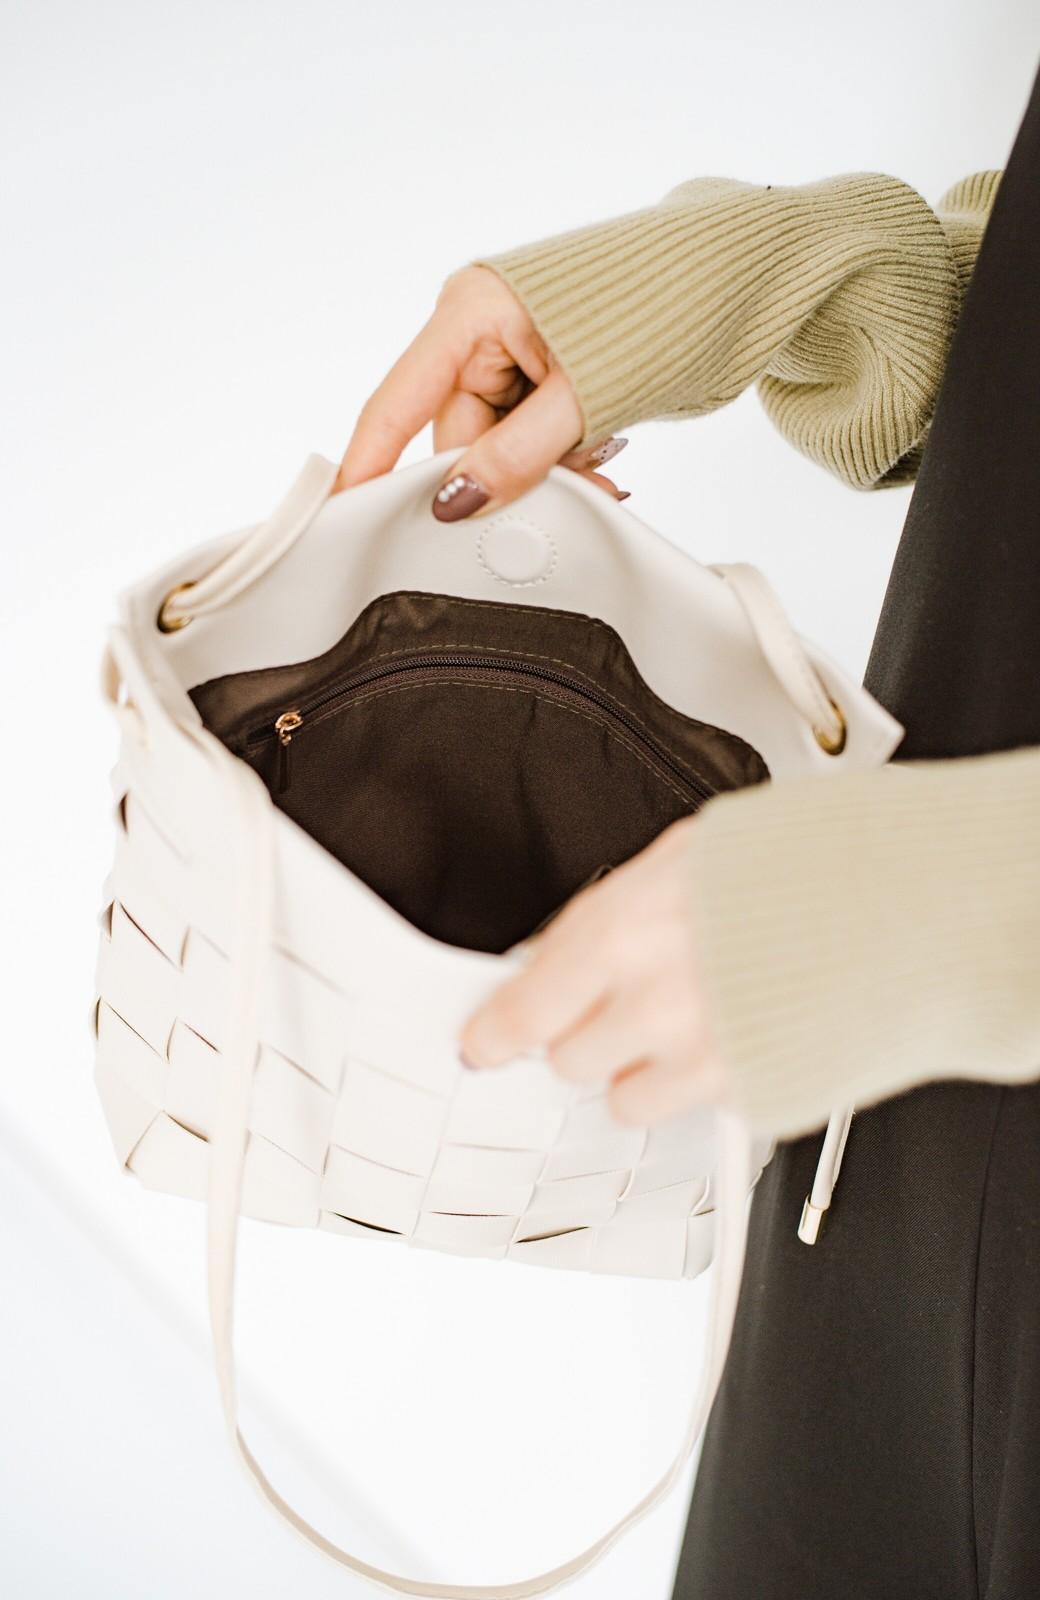 haco! さっと持って女っぽ 手編みメッシュが上品なやわらかフェイクレザーのトートバッグ <オフホワイト>の商品写真9